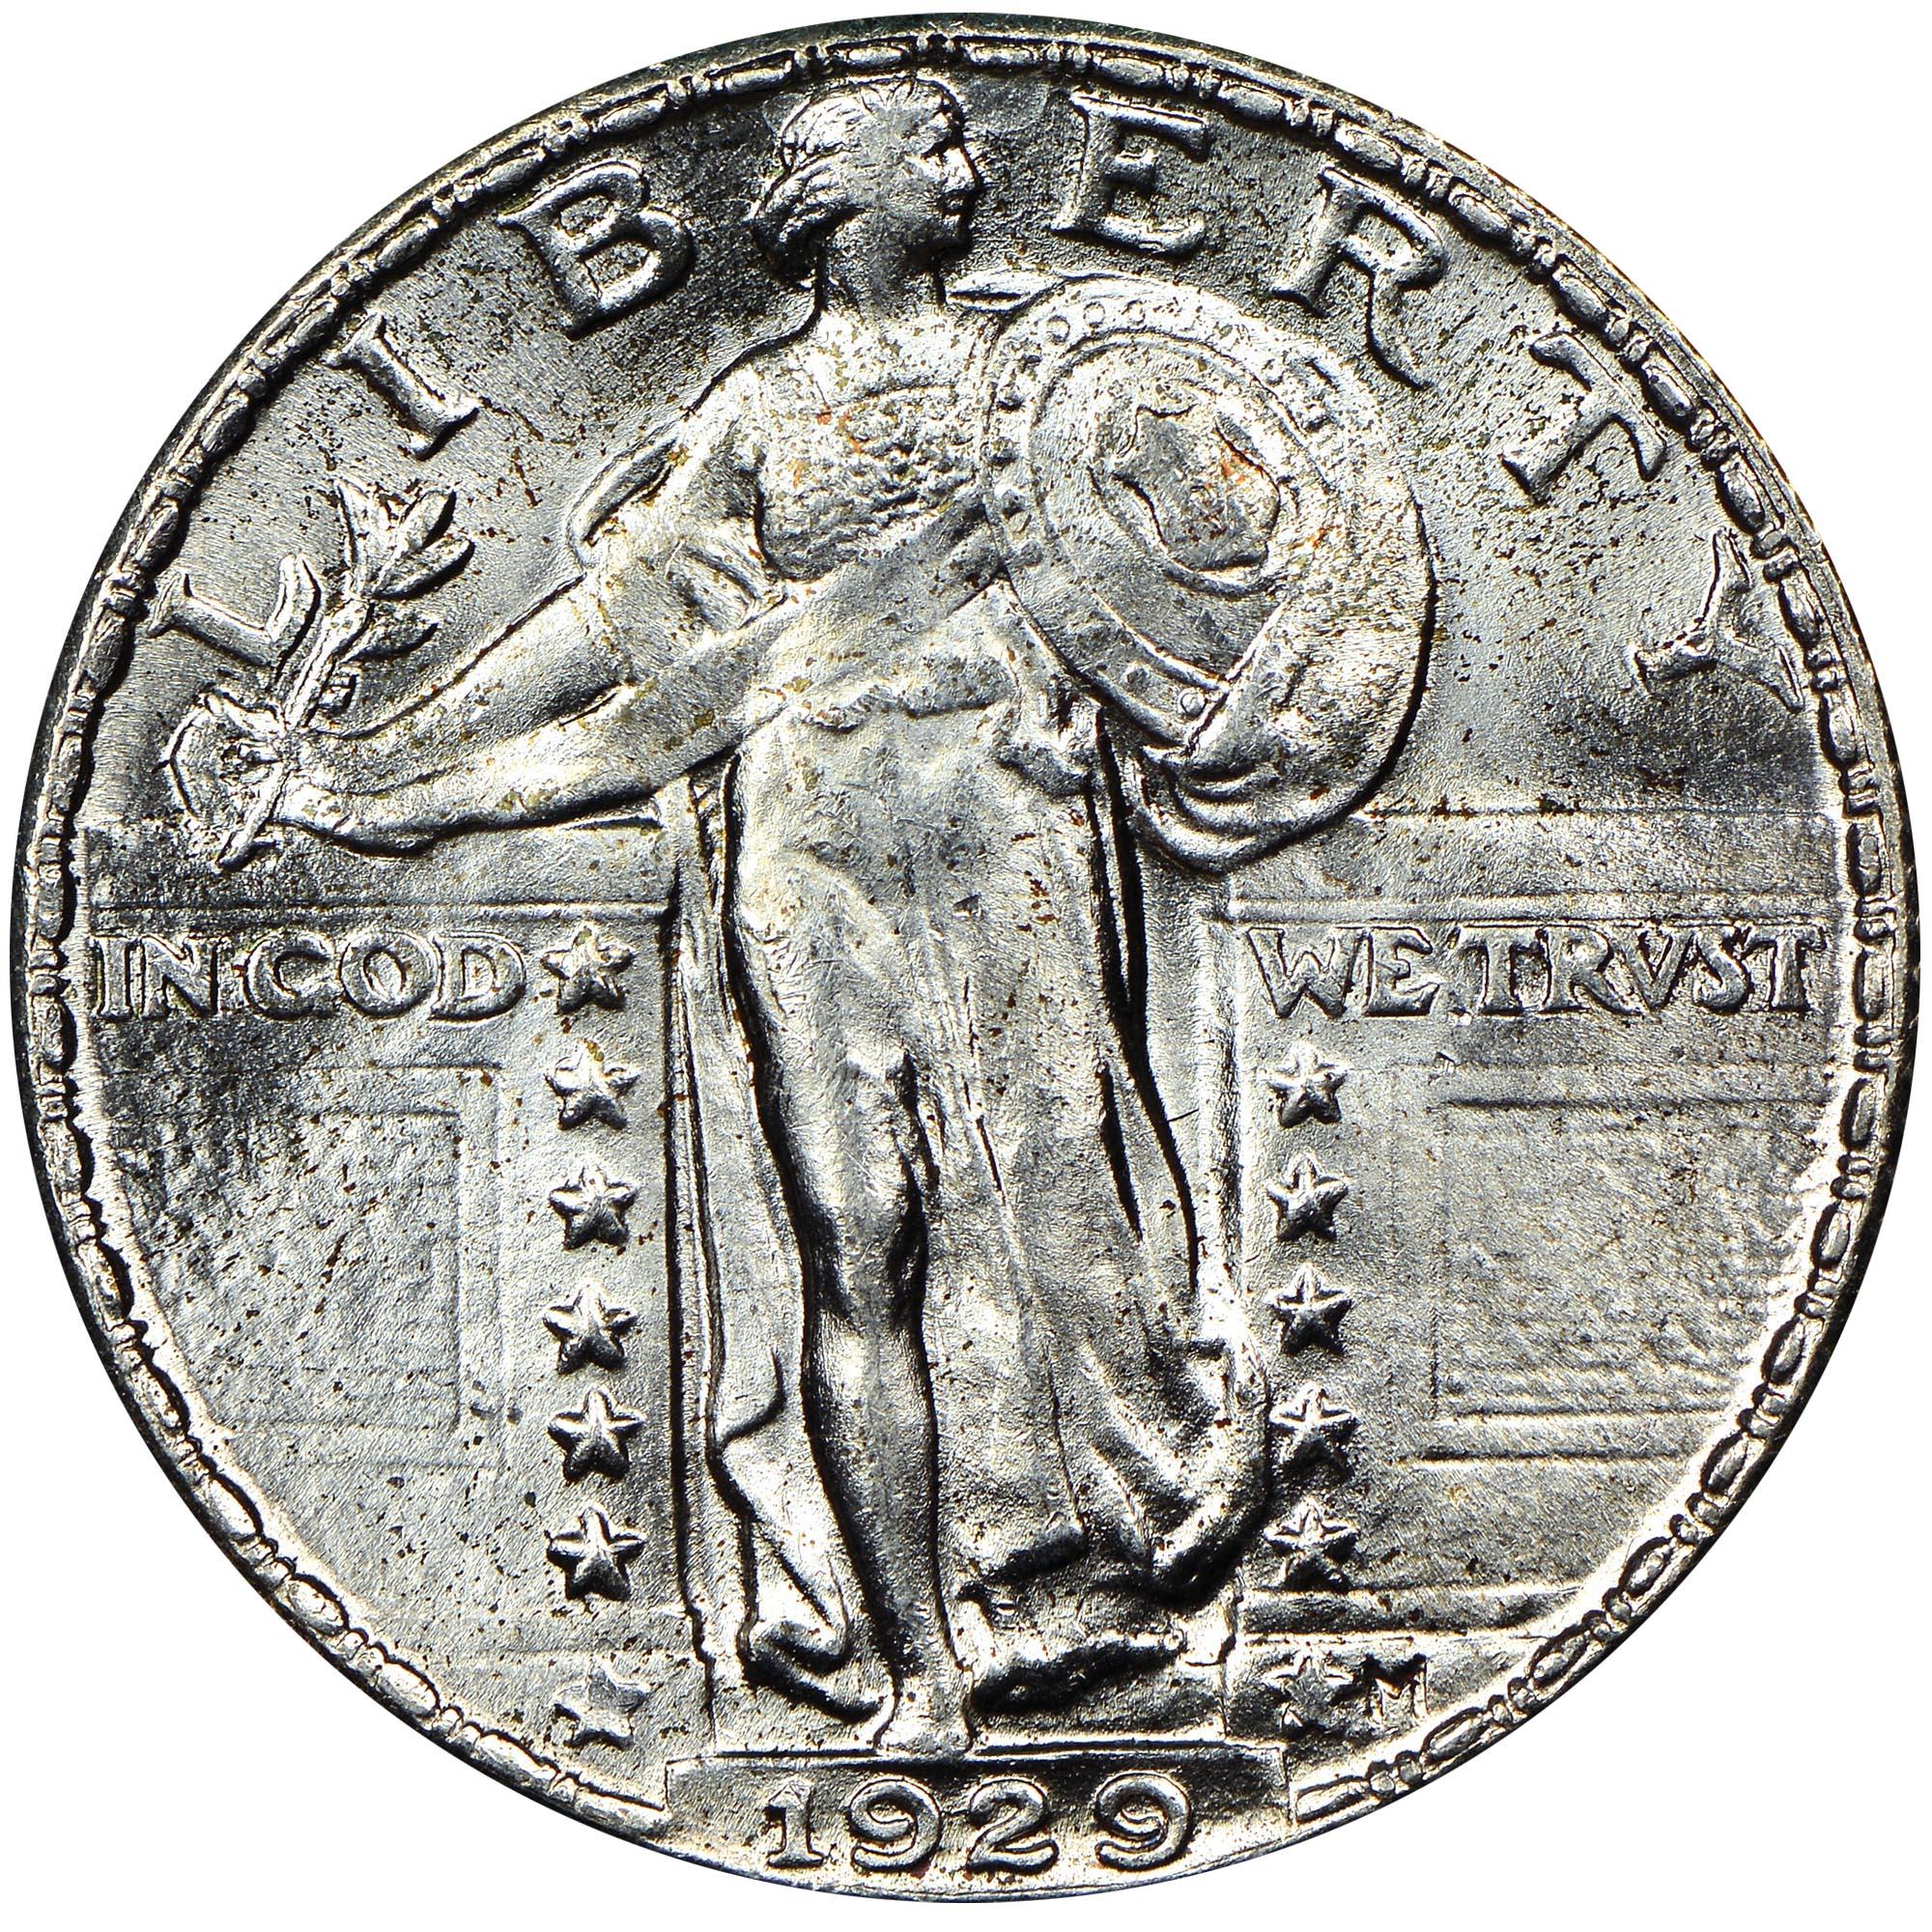 1929 quarter coin value